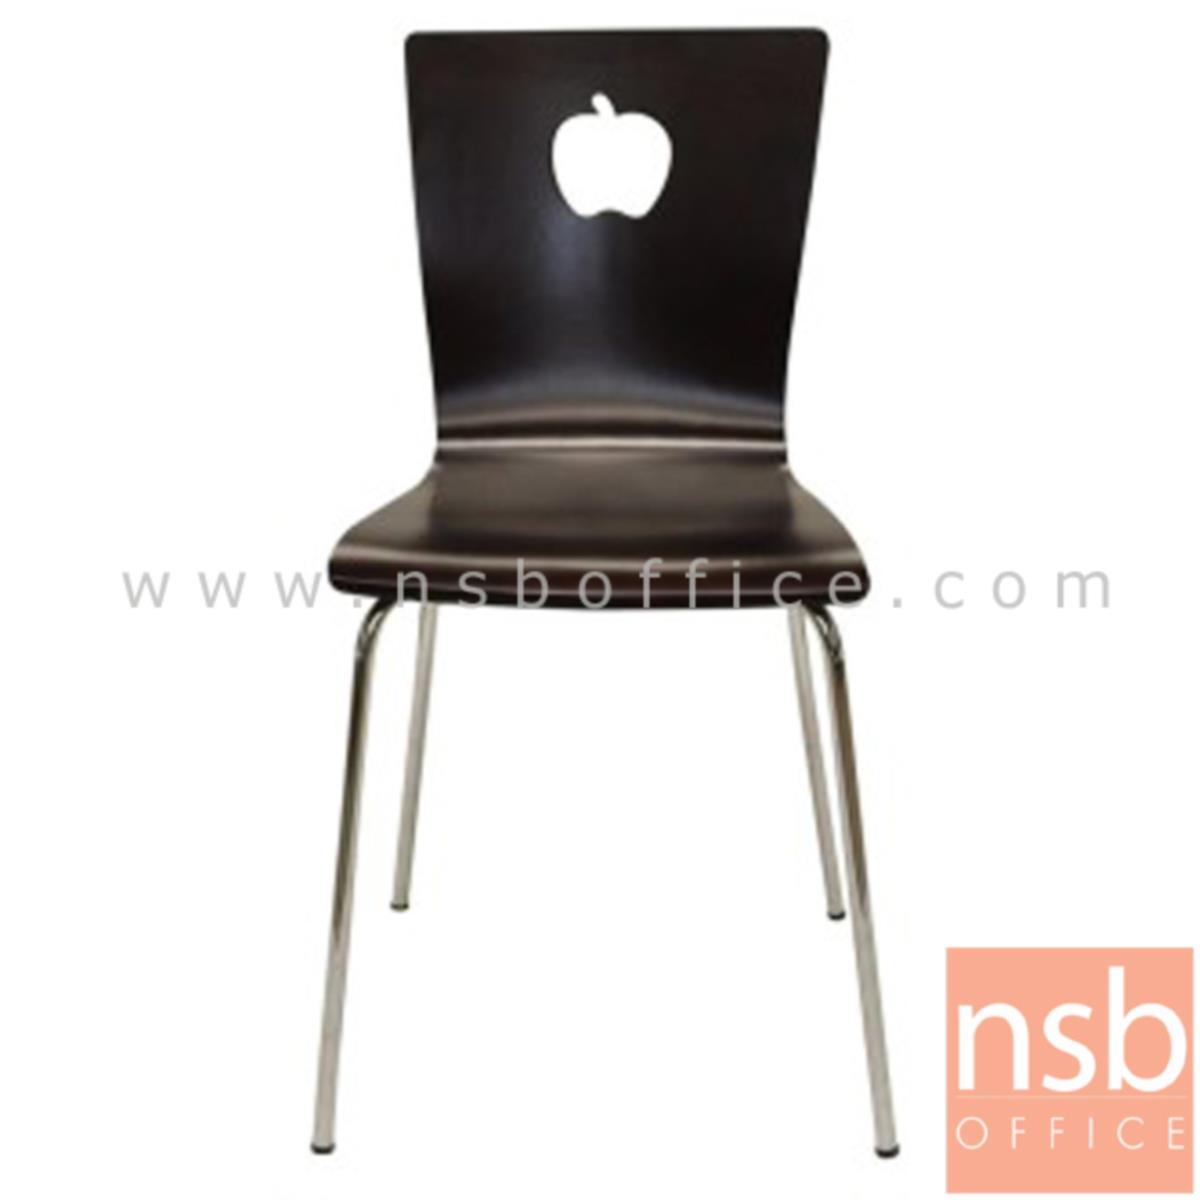 B20A033:เก้าอี้อเนกประสงค์ไม้วีเนียร์ดัด รุ่น Lillard (ลิลลาร์ด)  ขาเหล็กชุบโครเมี่ยม